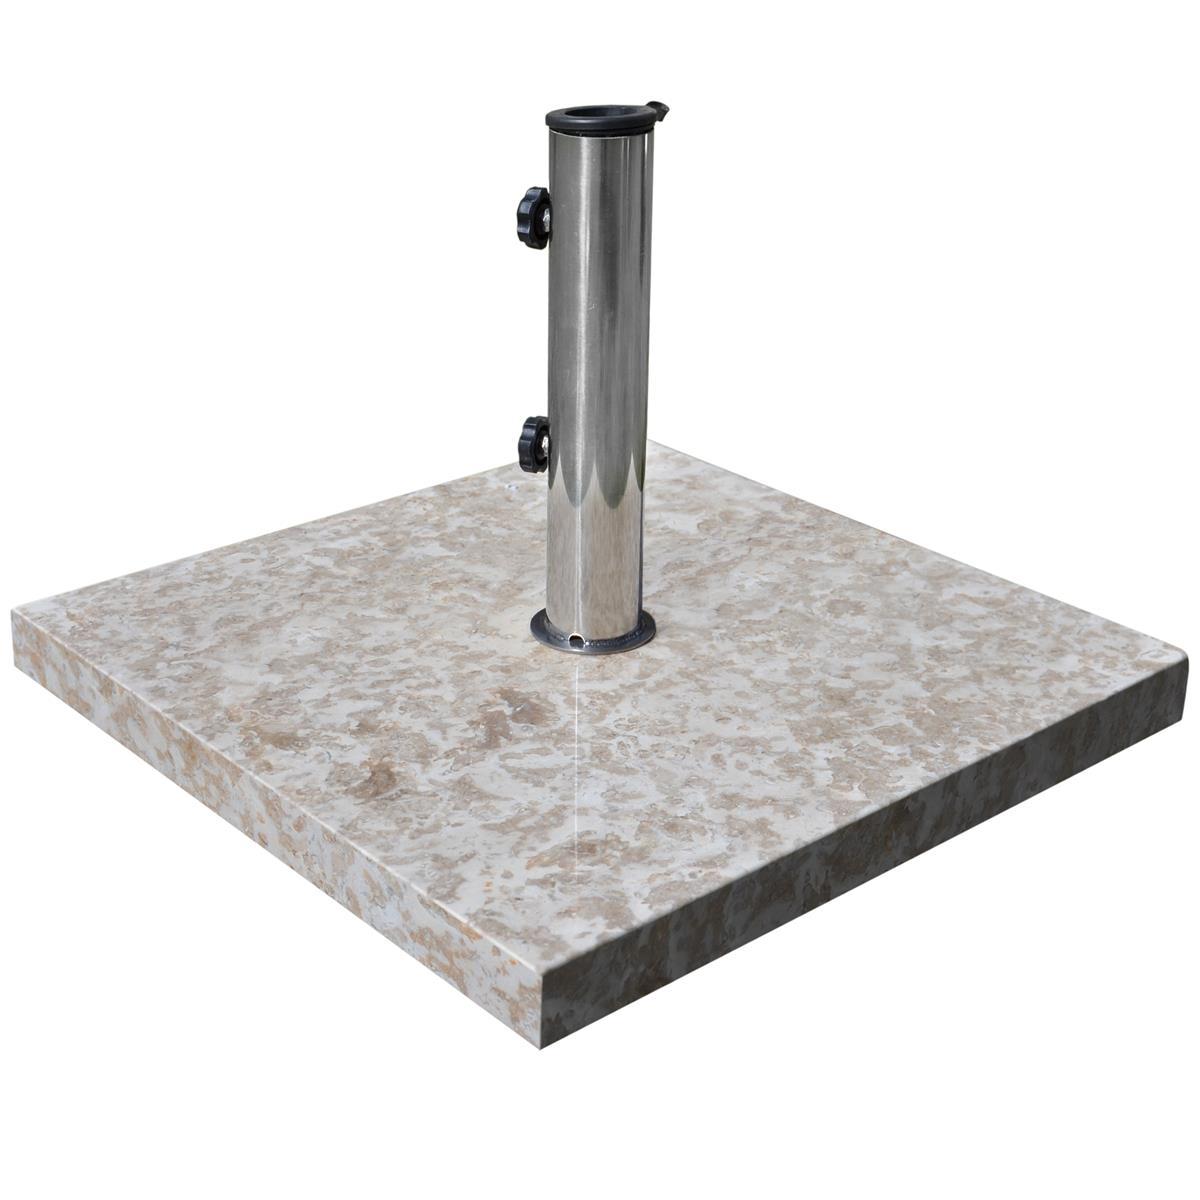 Sonnenschirmständer 25kg Marmor poliert grau quadratisch Edelstahlrohr 50 x 50cm